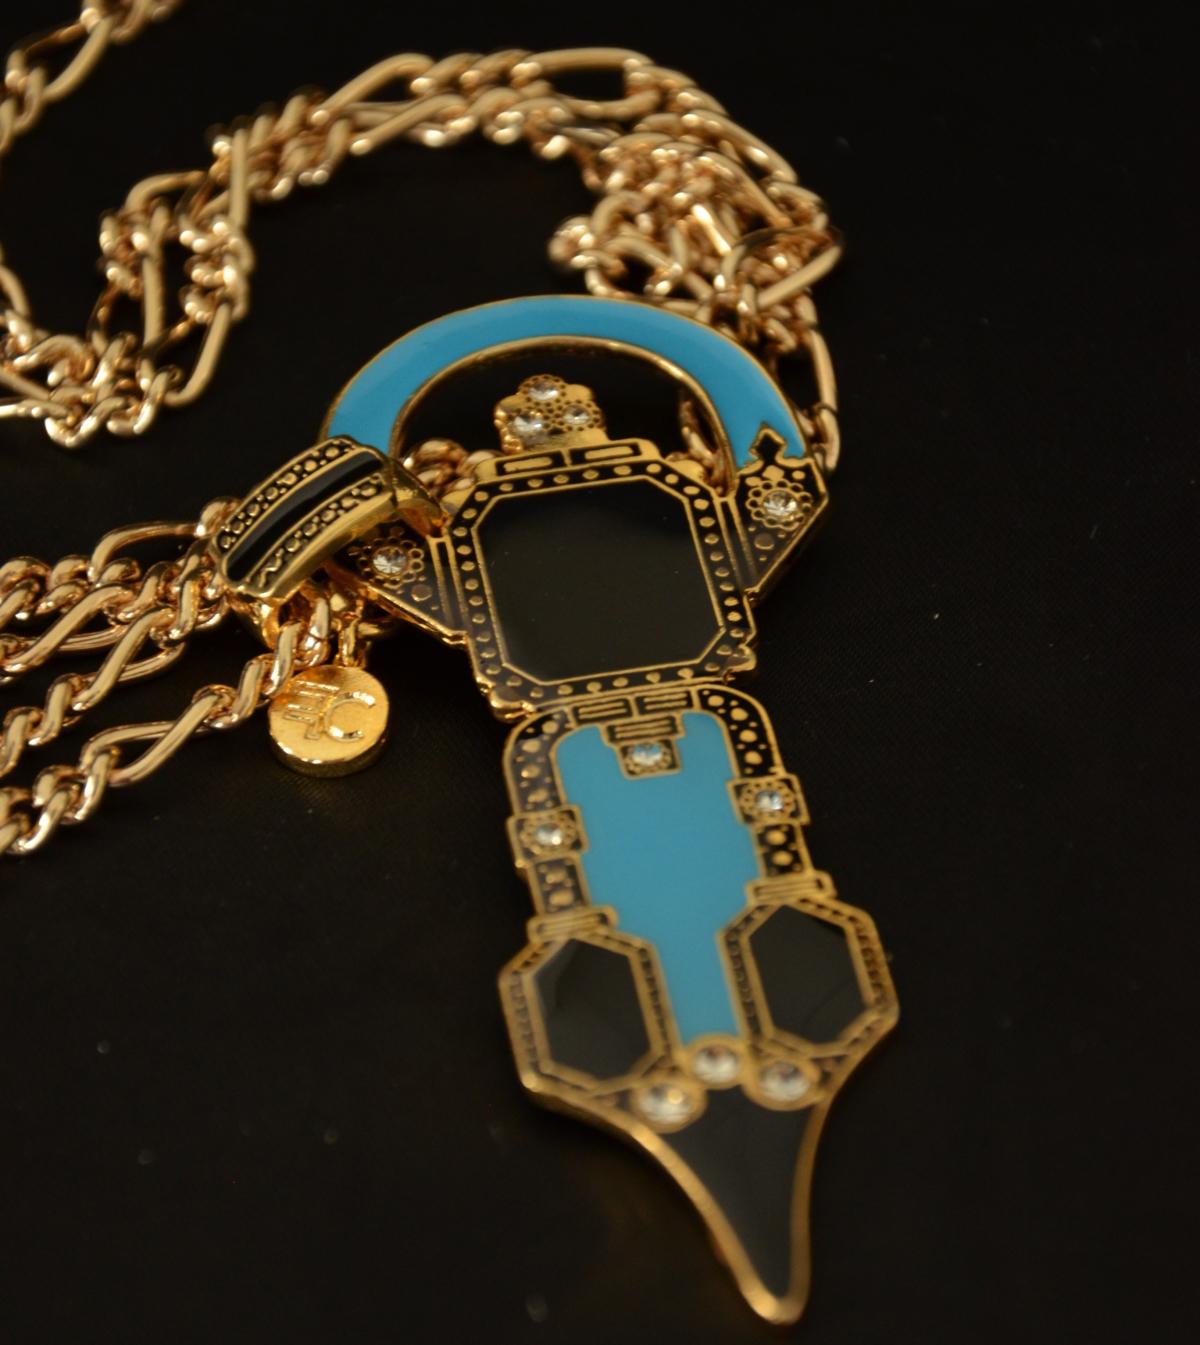 Cleofe Finati jewels